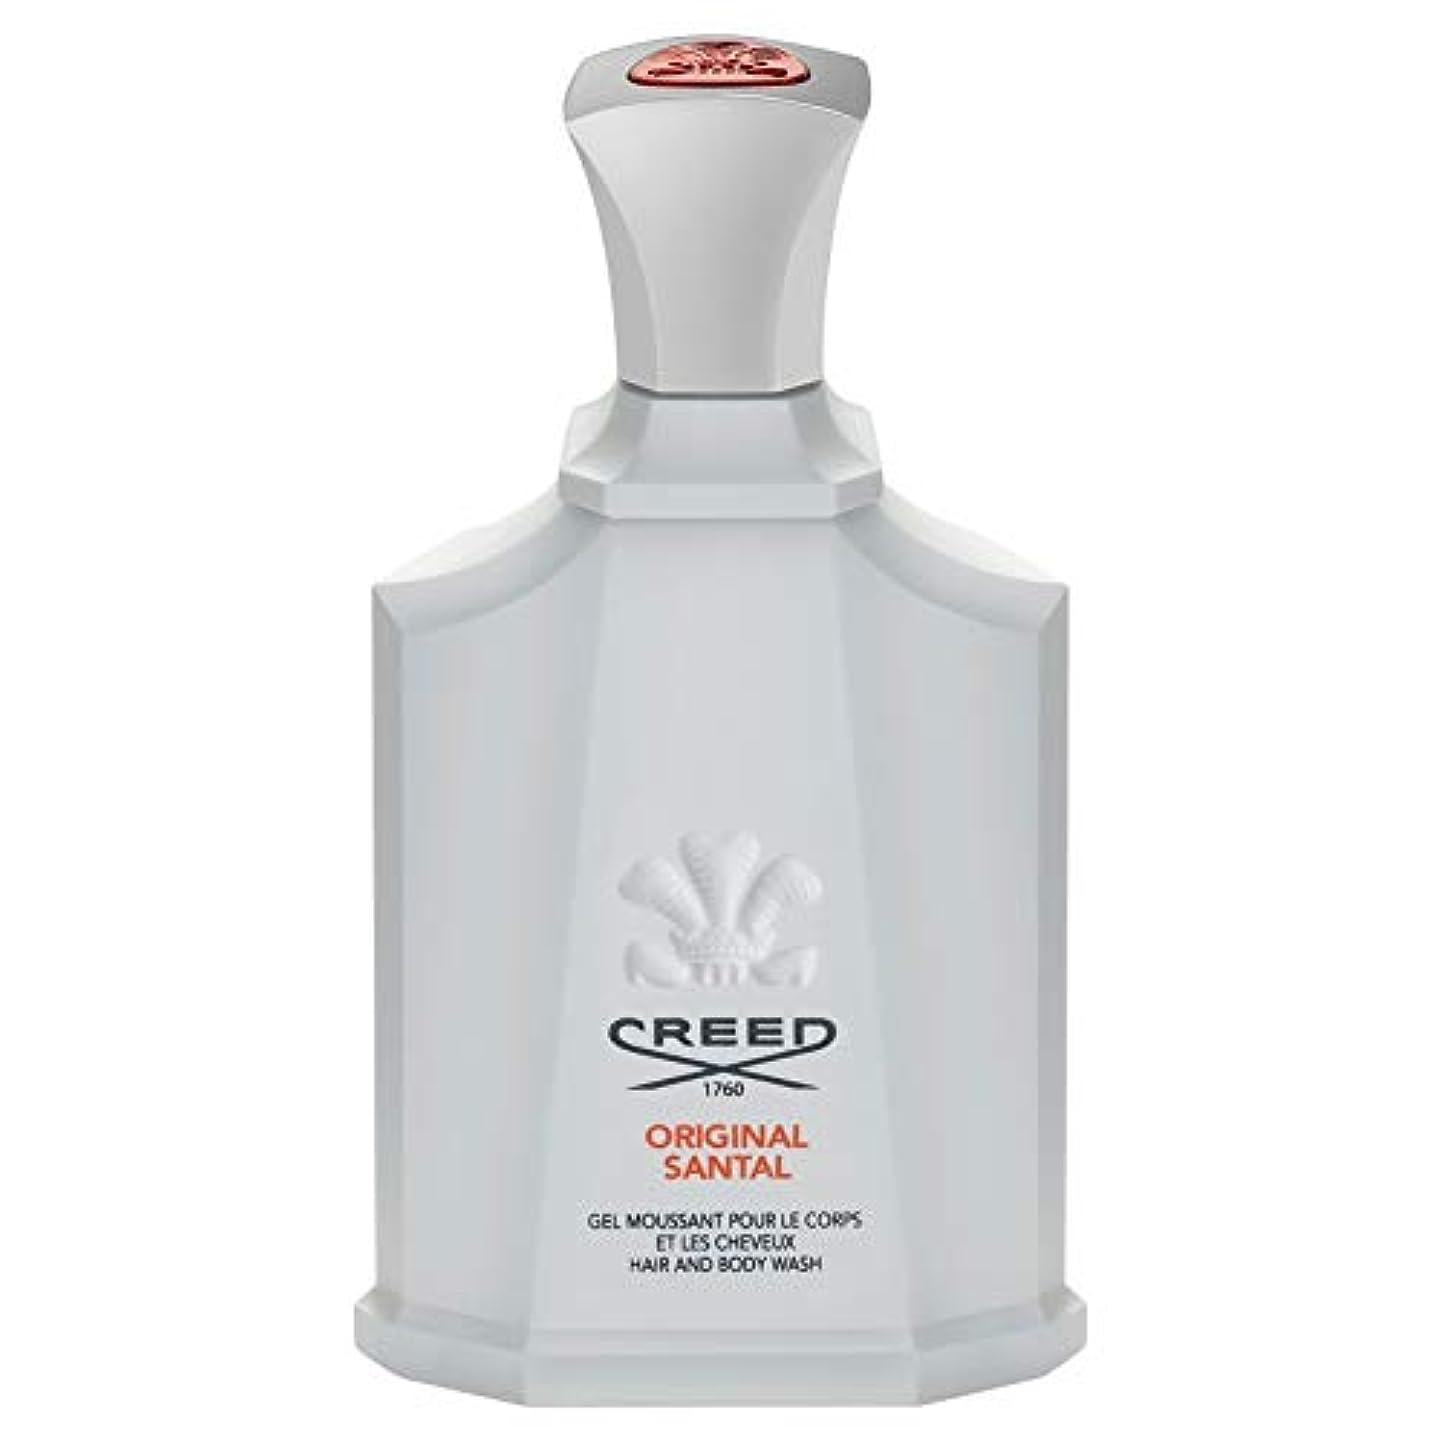 欠伸クラス拮抗する[Creed ] 信条元サンタルシャワージェル200Ml - CREED Original Santal Shower Gel 200ml [並行輸入品]